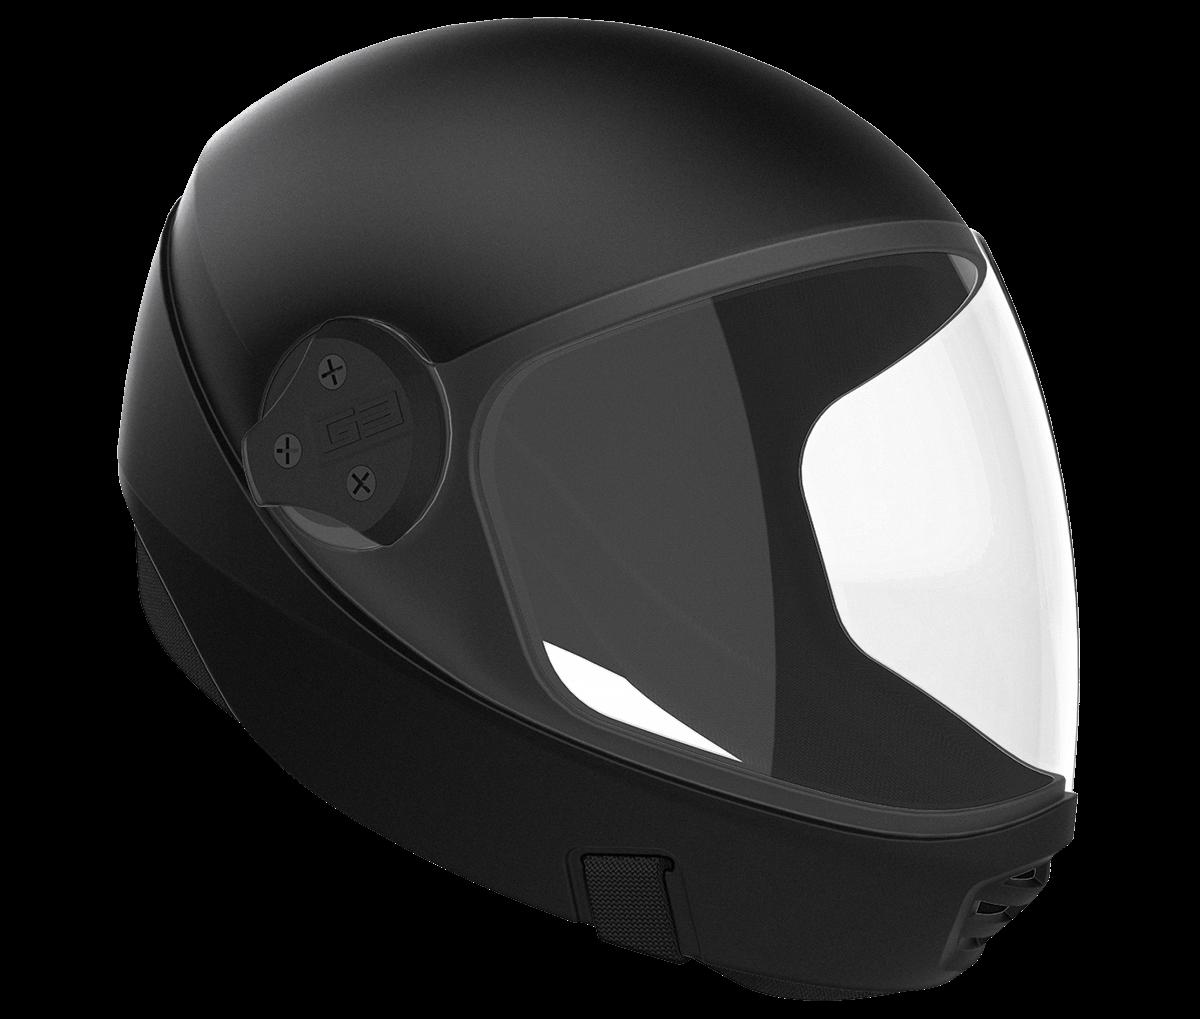 Buy Cookie G3 Skydiving Helmet & Accessories